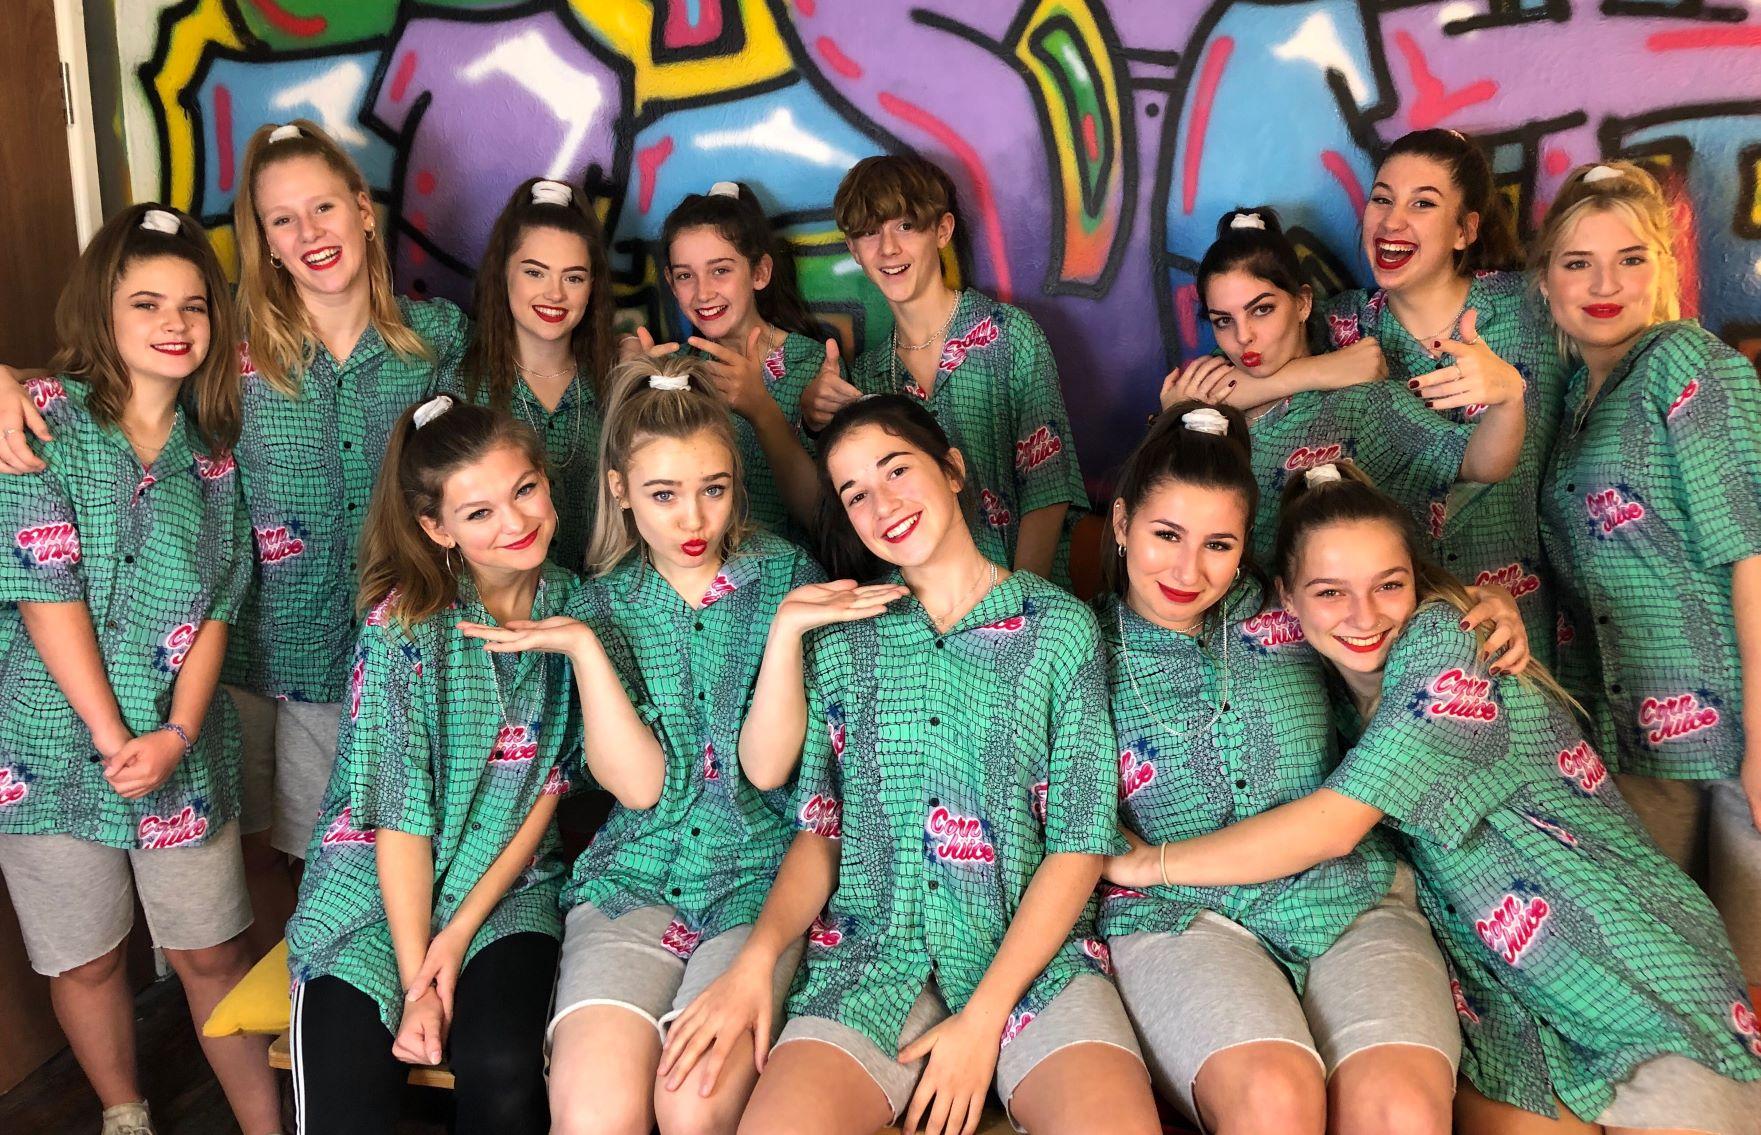 Gravity dancers